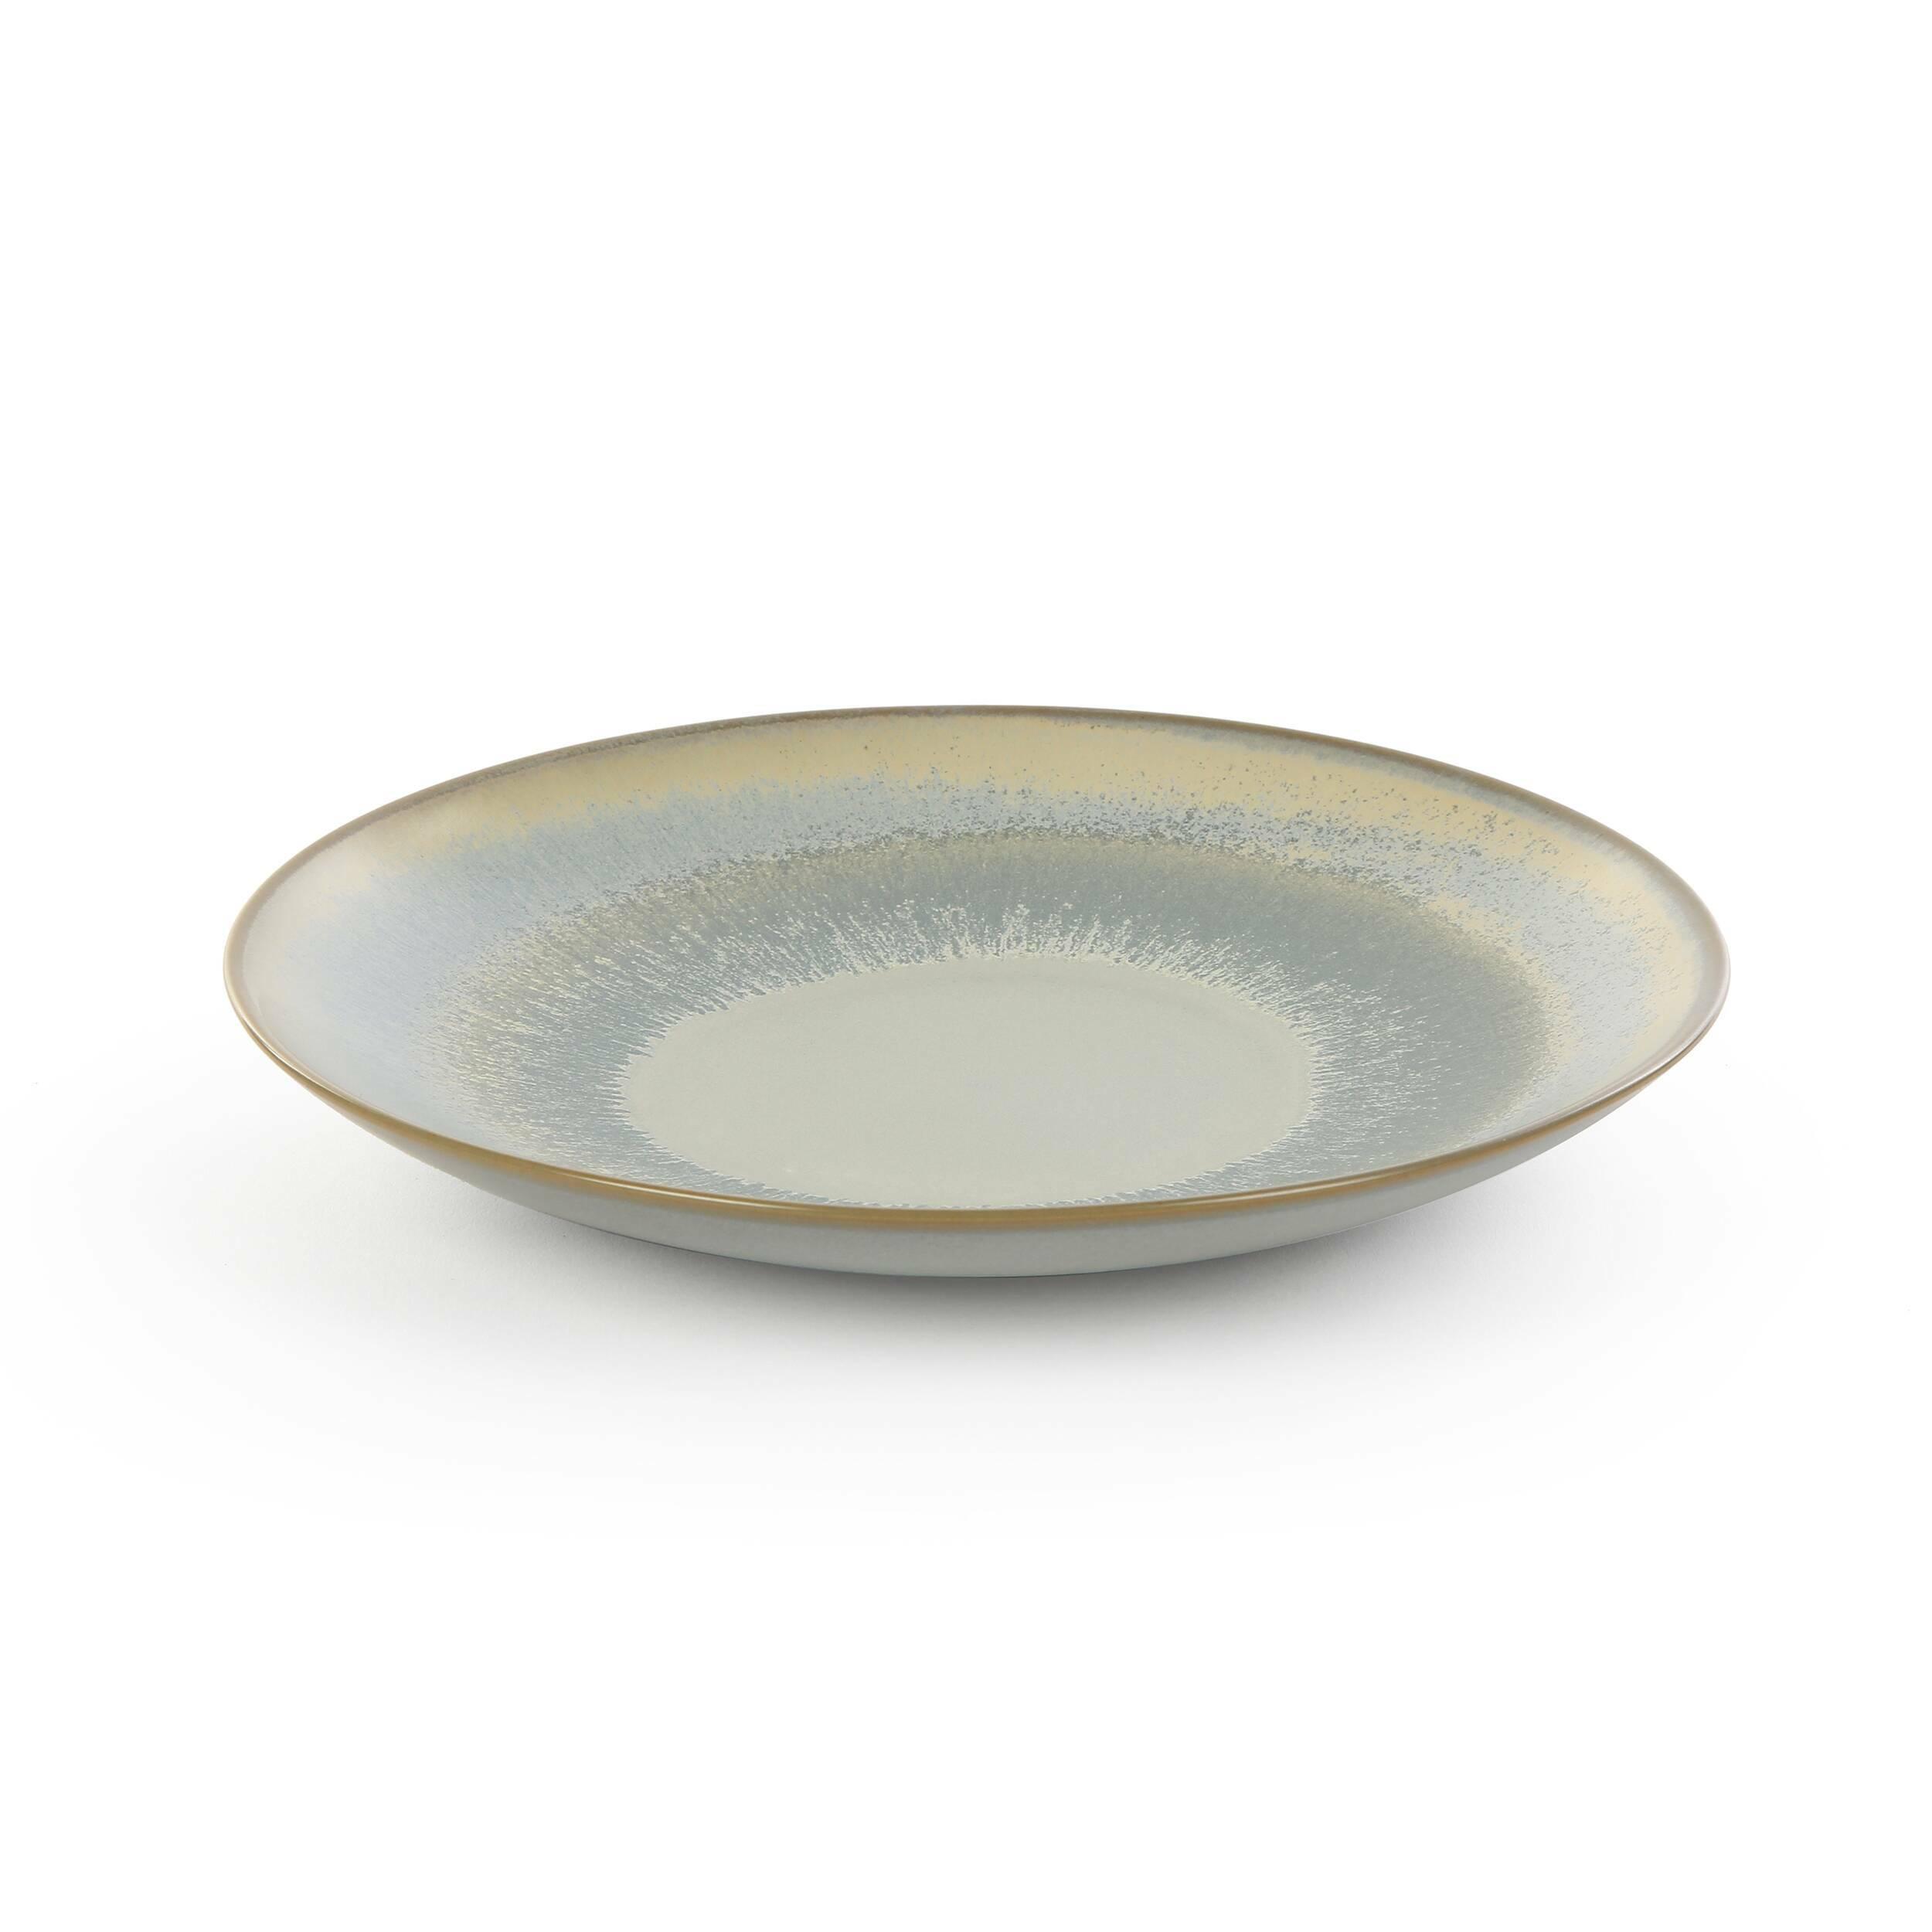 Посуда Cosmo 15578077 от Cosmorelax